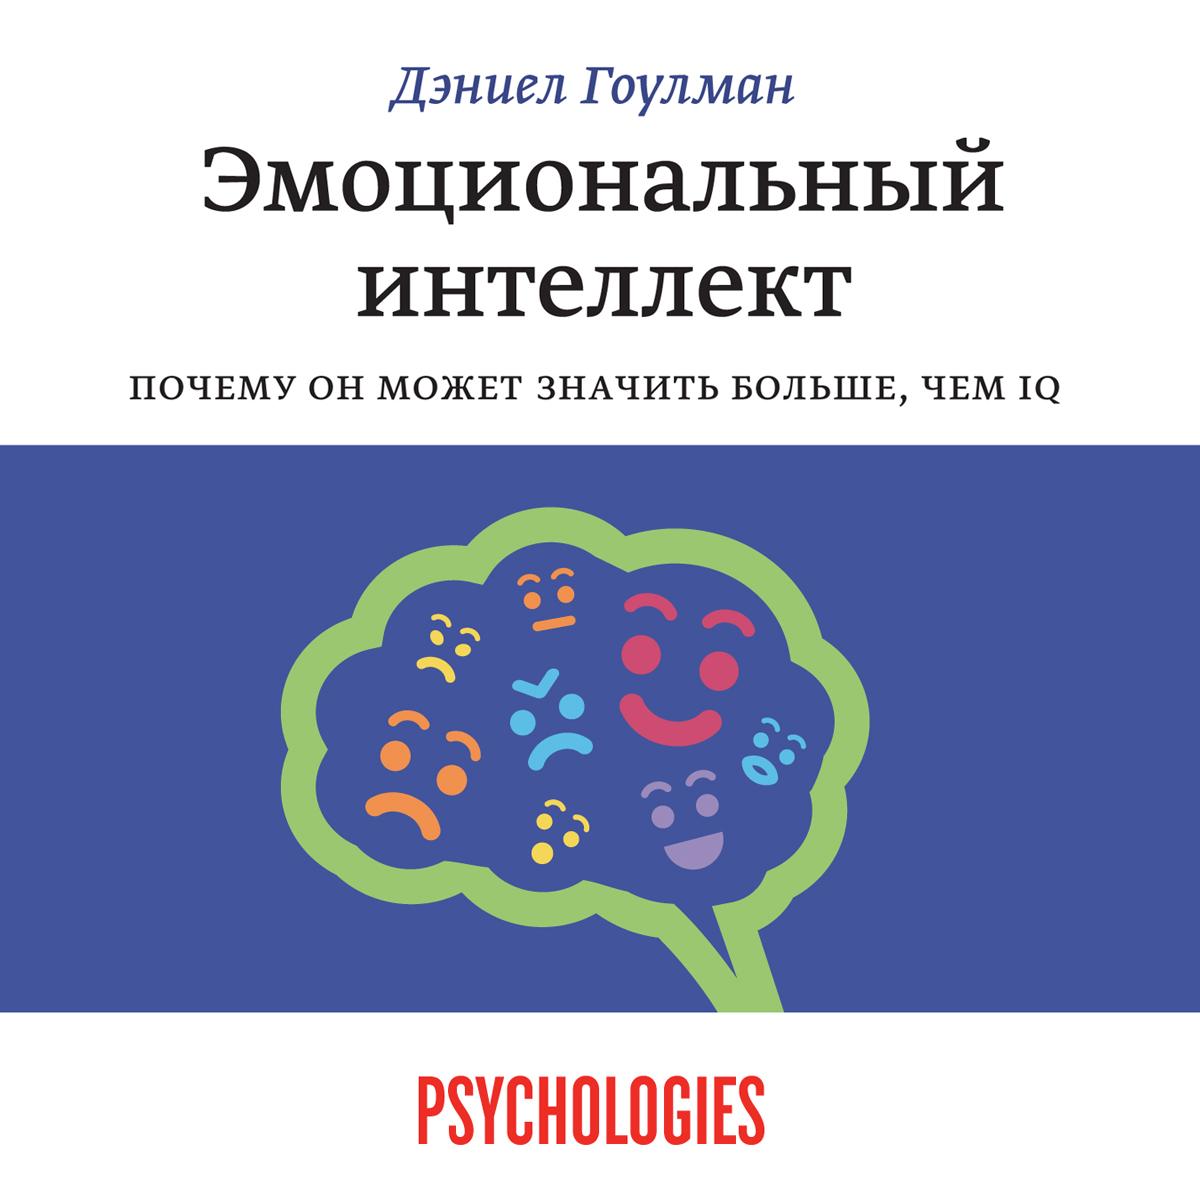 Дэниел Гоулман Эмоциональный интеллект. Почему он может значить больше, чем IQ гоулман дэниел эмоциональный интеллект почему он может значить больше чем iq книга футляр